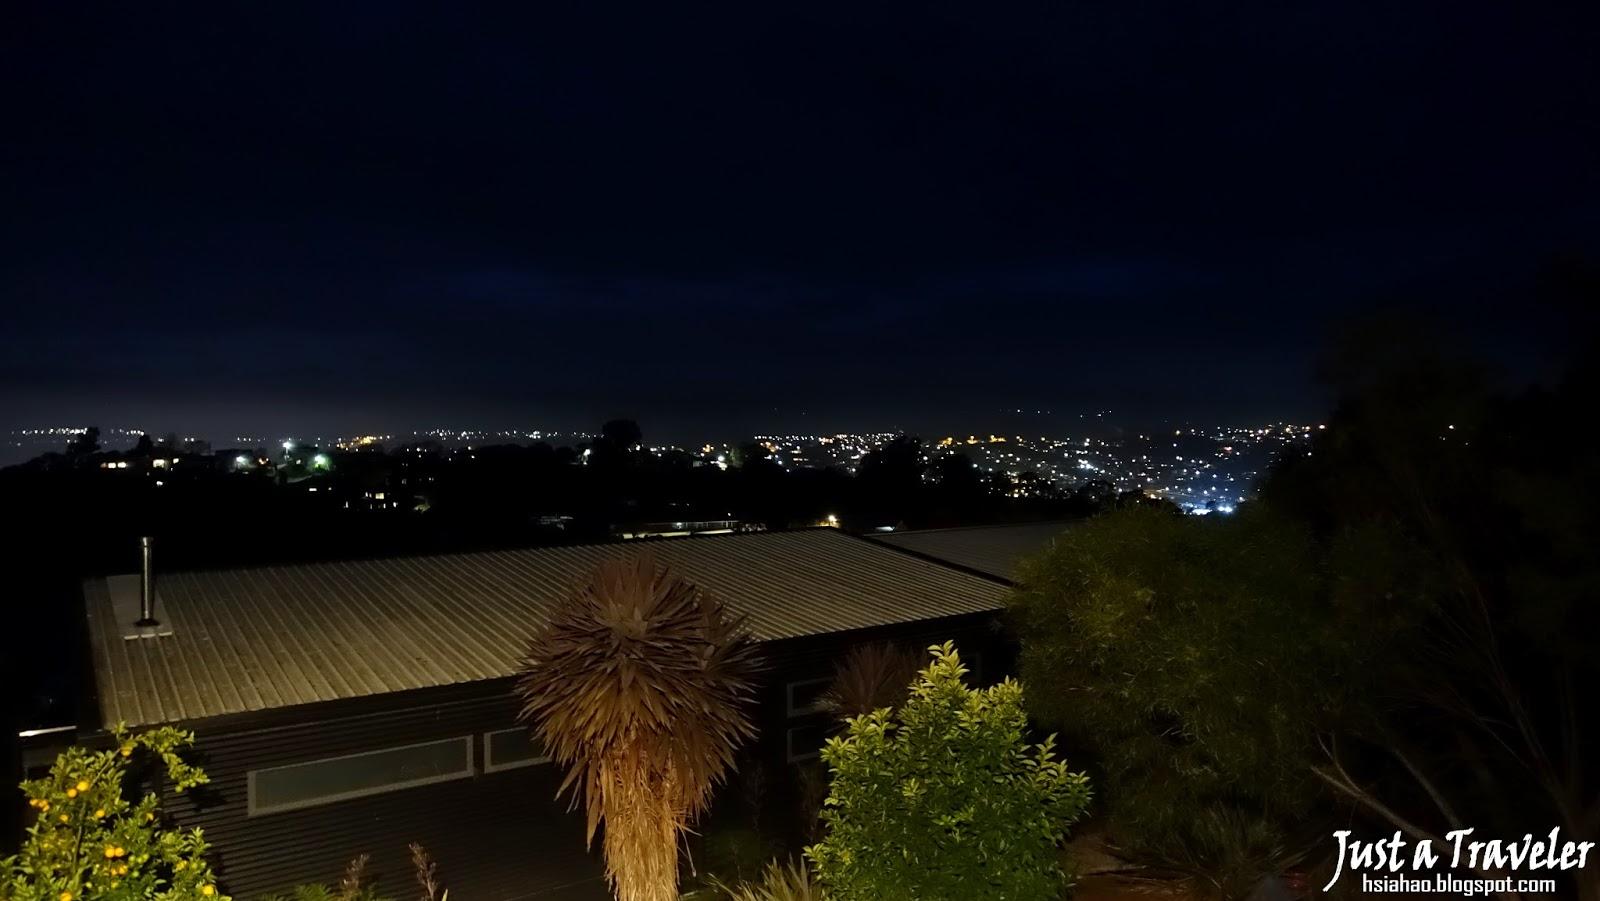 塔斯馬尼亞-朗賽斯頓-夜景-住宿-推薦-Airbnb-Tasmania-Launceston-Australia